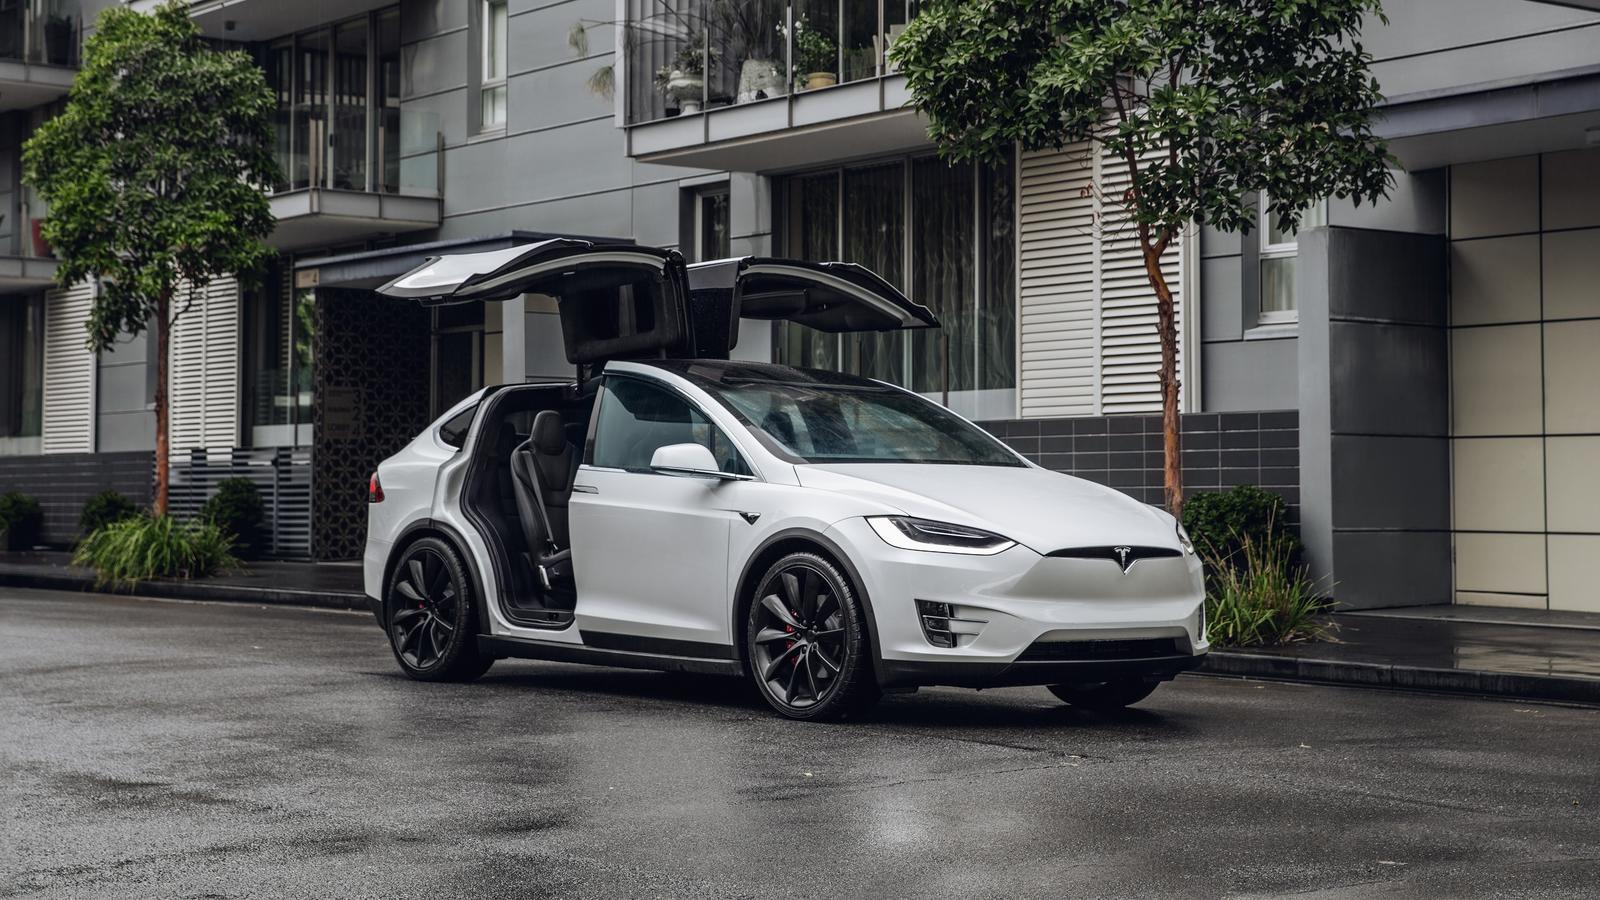 معرفي 10 خودروي الکتريکي با بالاترين پيمايش